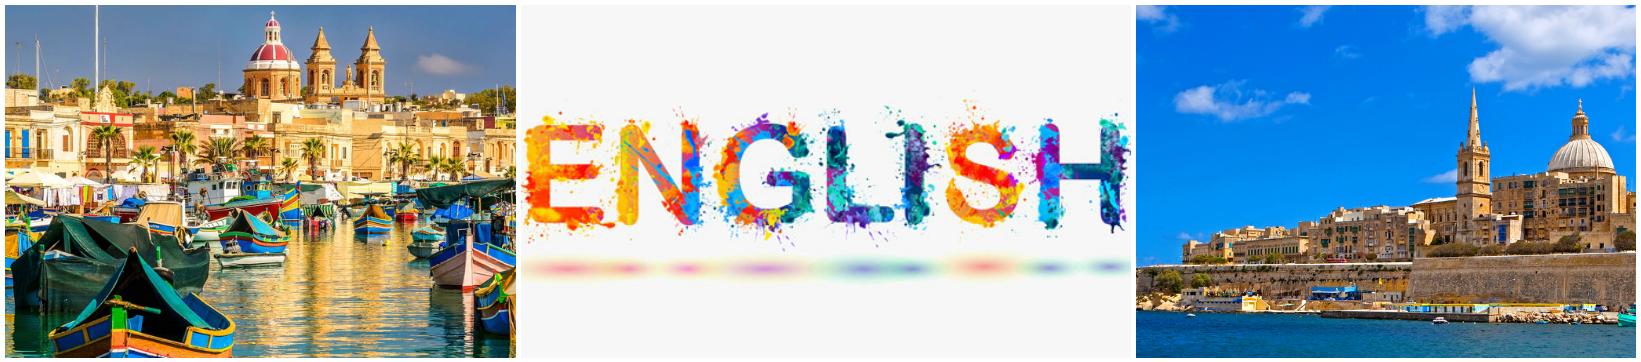 коллаж о курсах английского языка для детей на Мальте